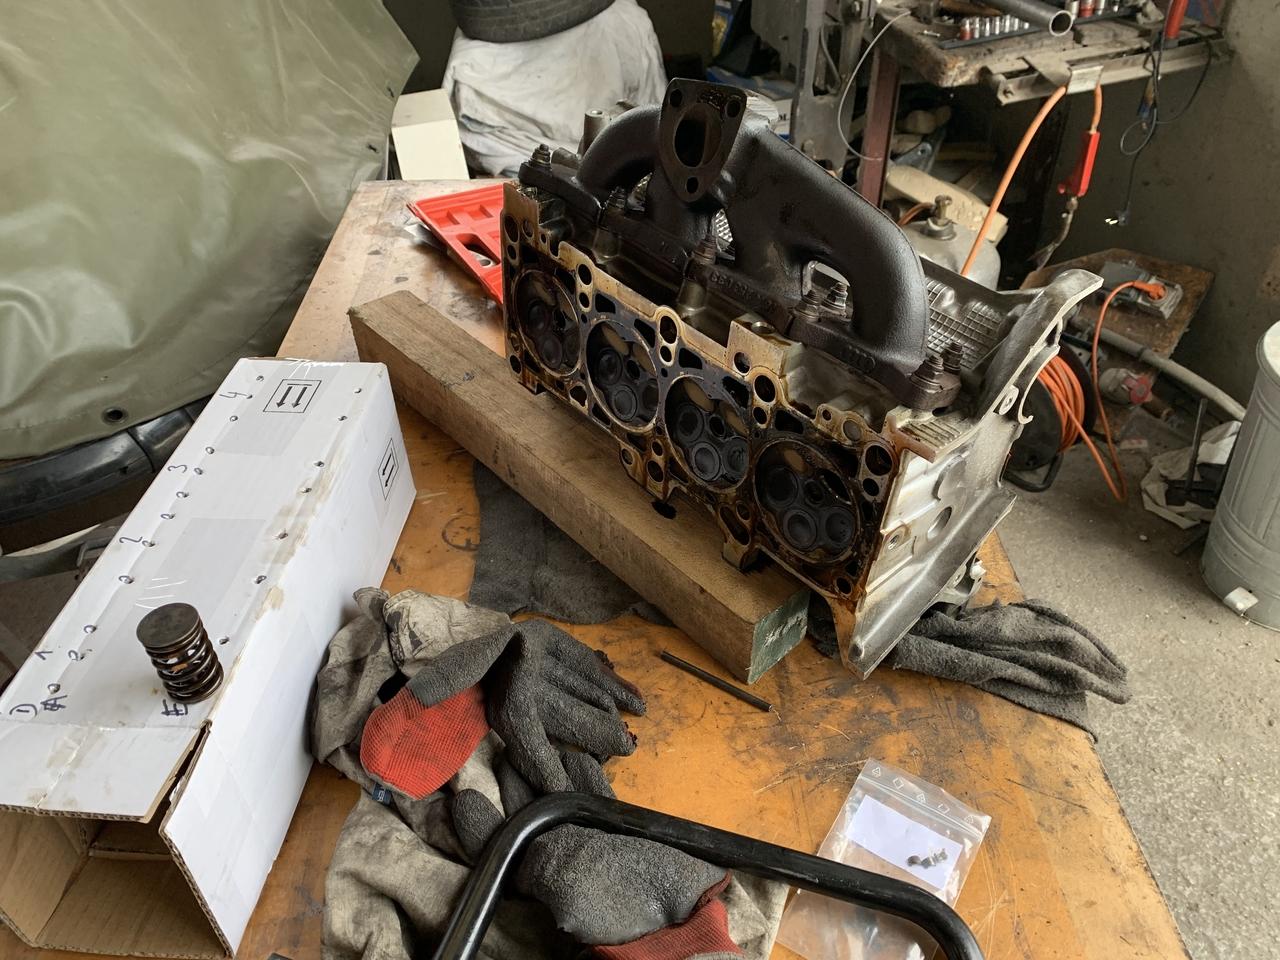 EBB1961F-245F-4A48-AE07-4A9DABC3A756.jpeg